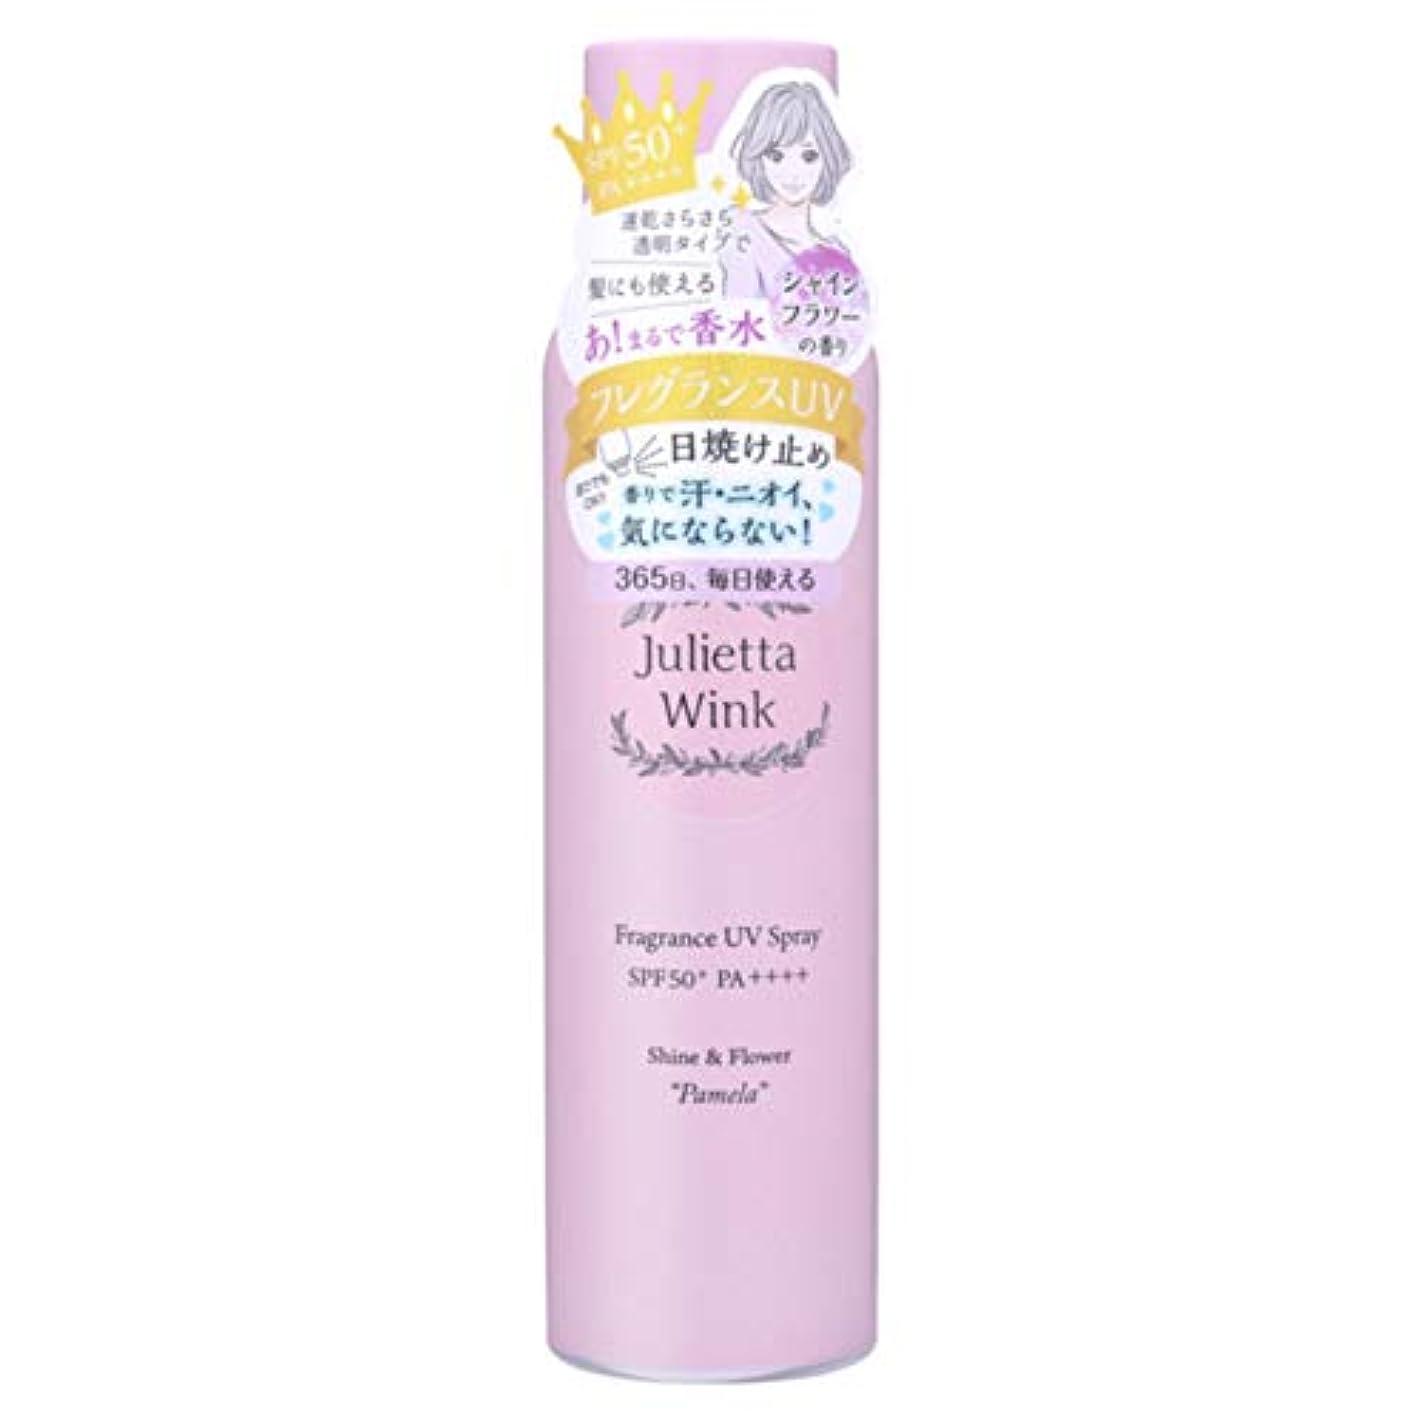 に話すトランザクション従順なジュリエッタウィンク フレグランス UVスプレー[パメラ]100g シャインフラワーの香り(ピンク)